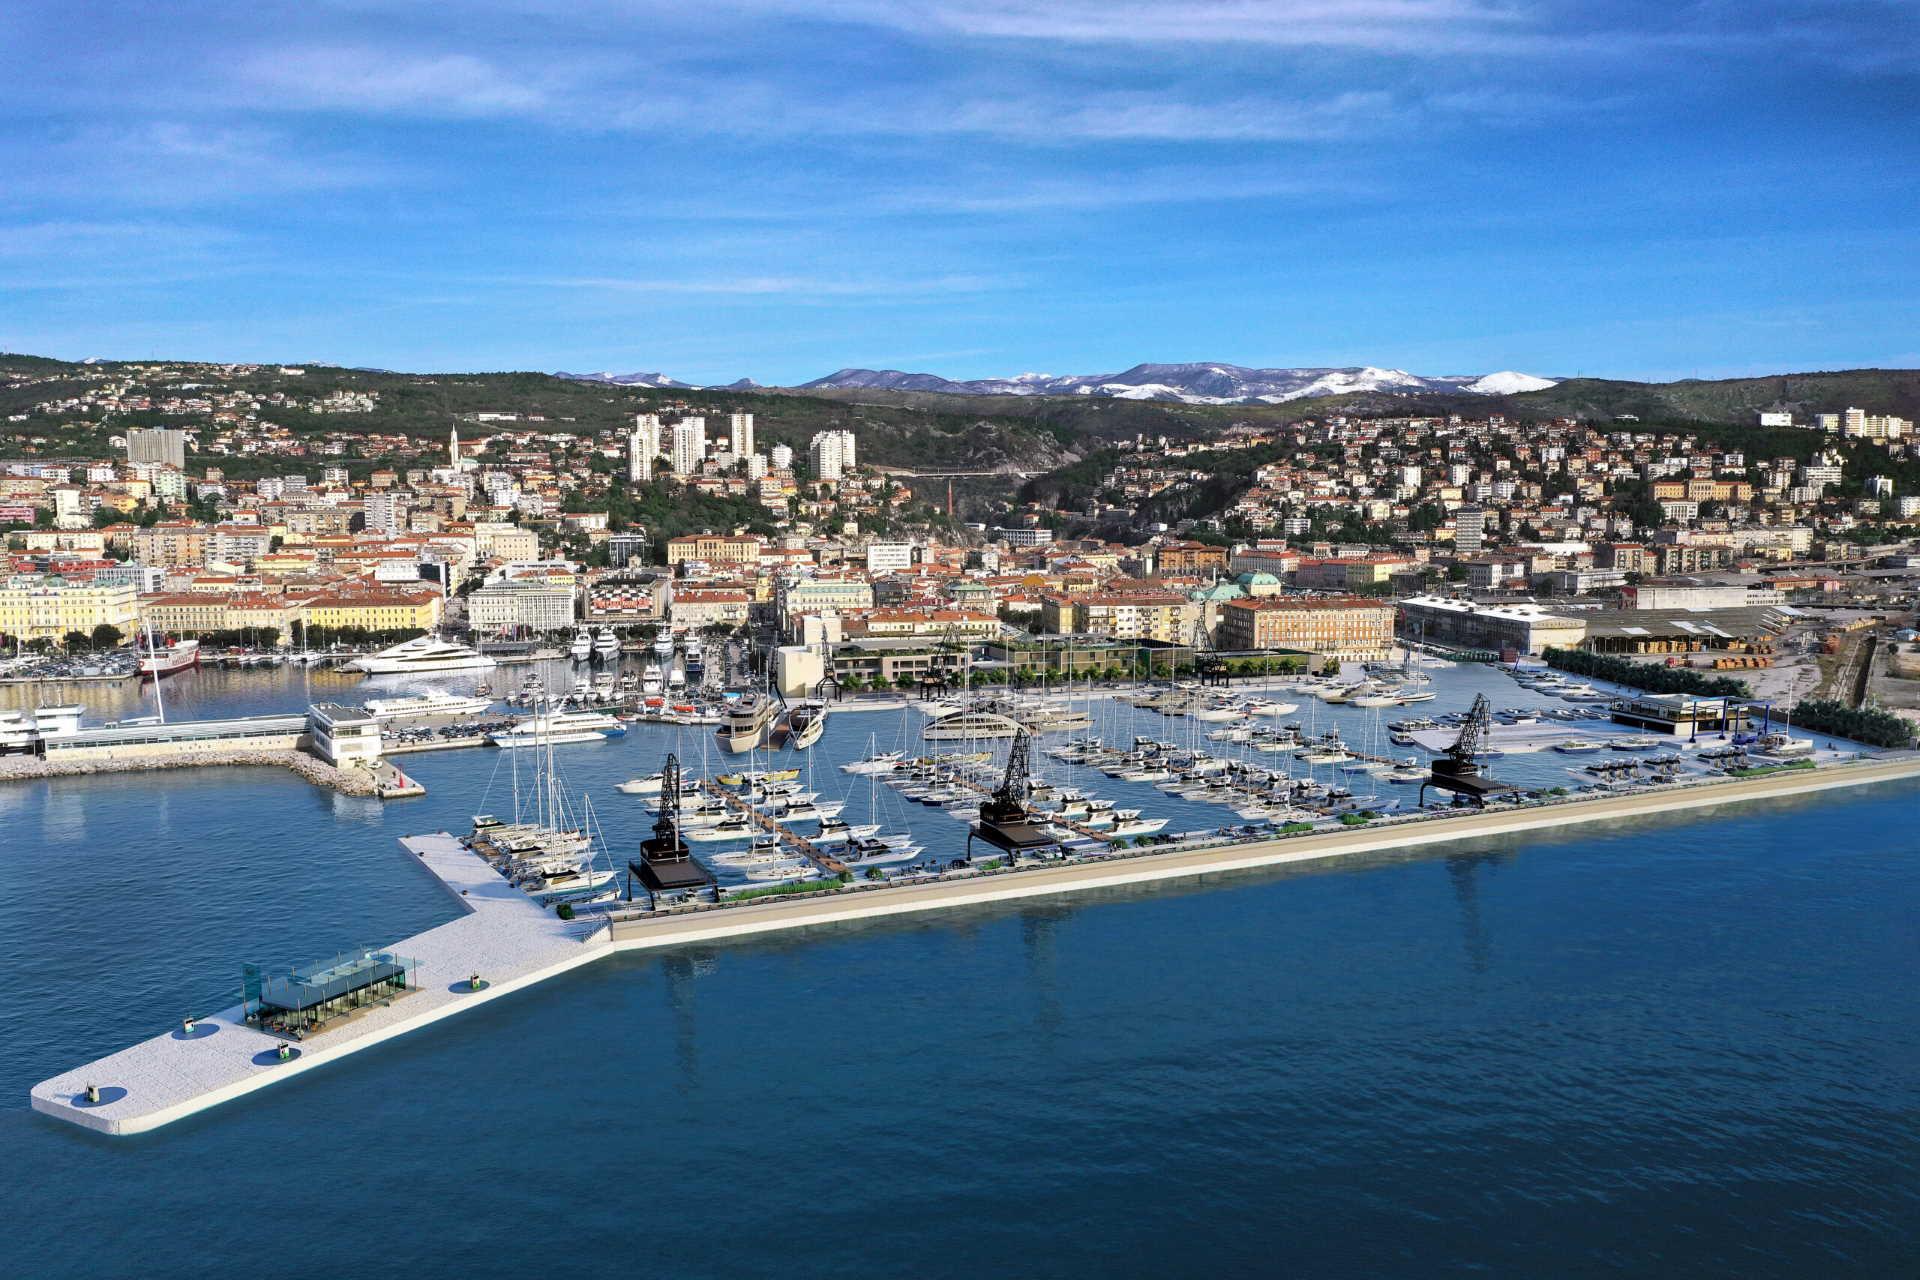 ACI marina Rijeka